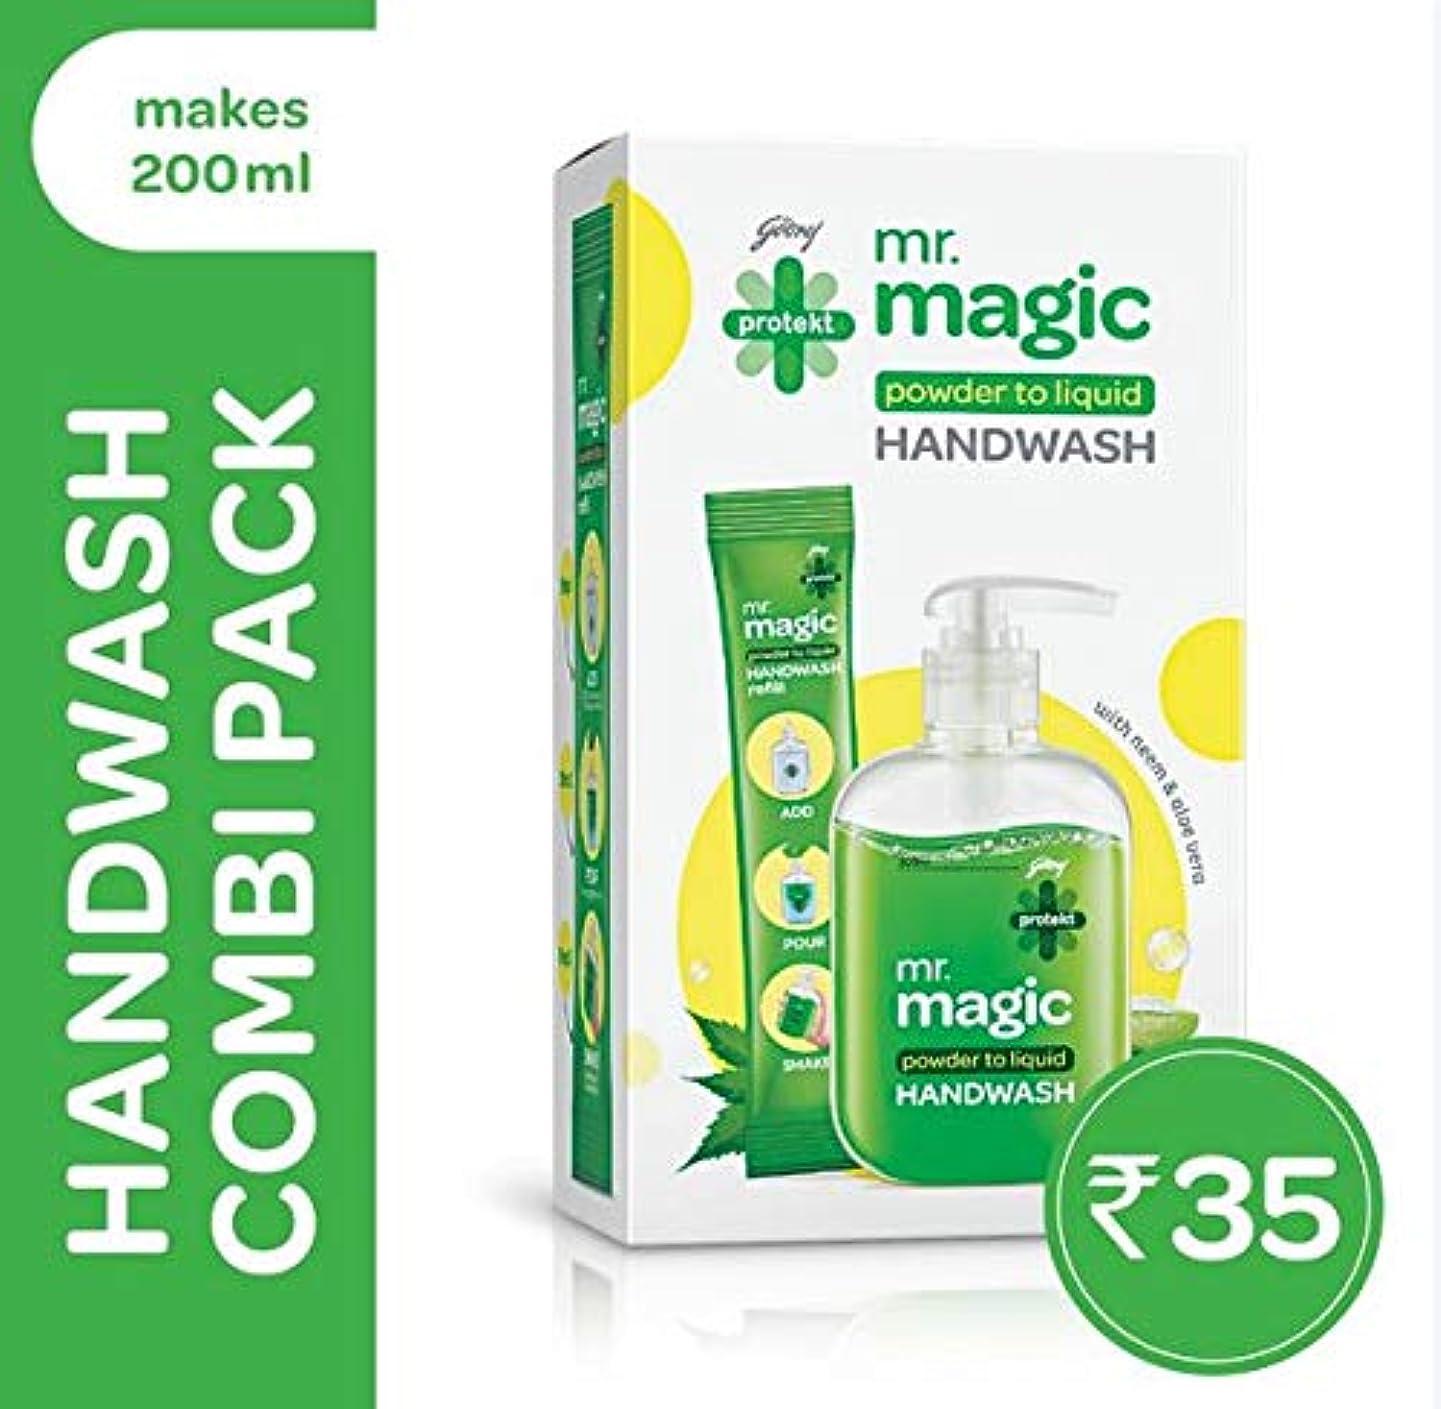 抜け目がない関連付ける否認するGodrej Protekt Mr. Magic Handwash 9g (Pack of 2)